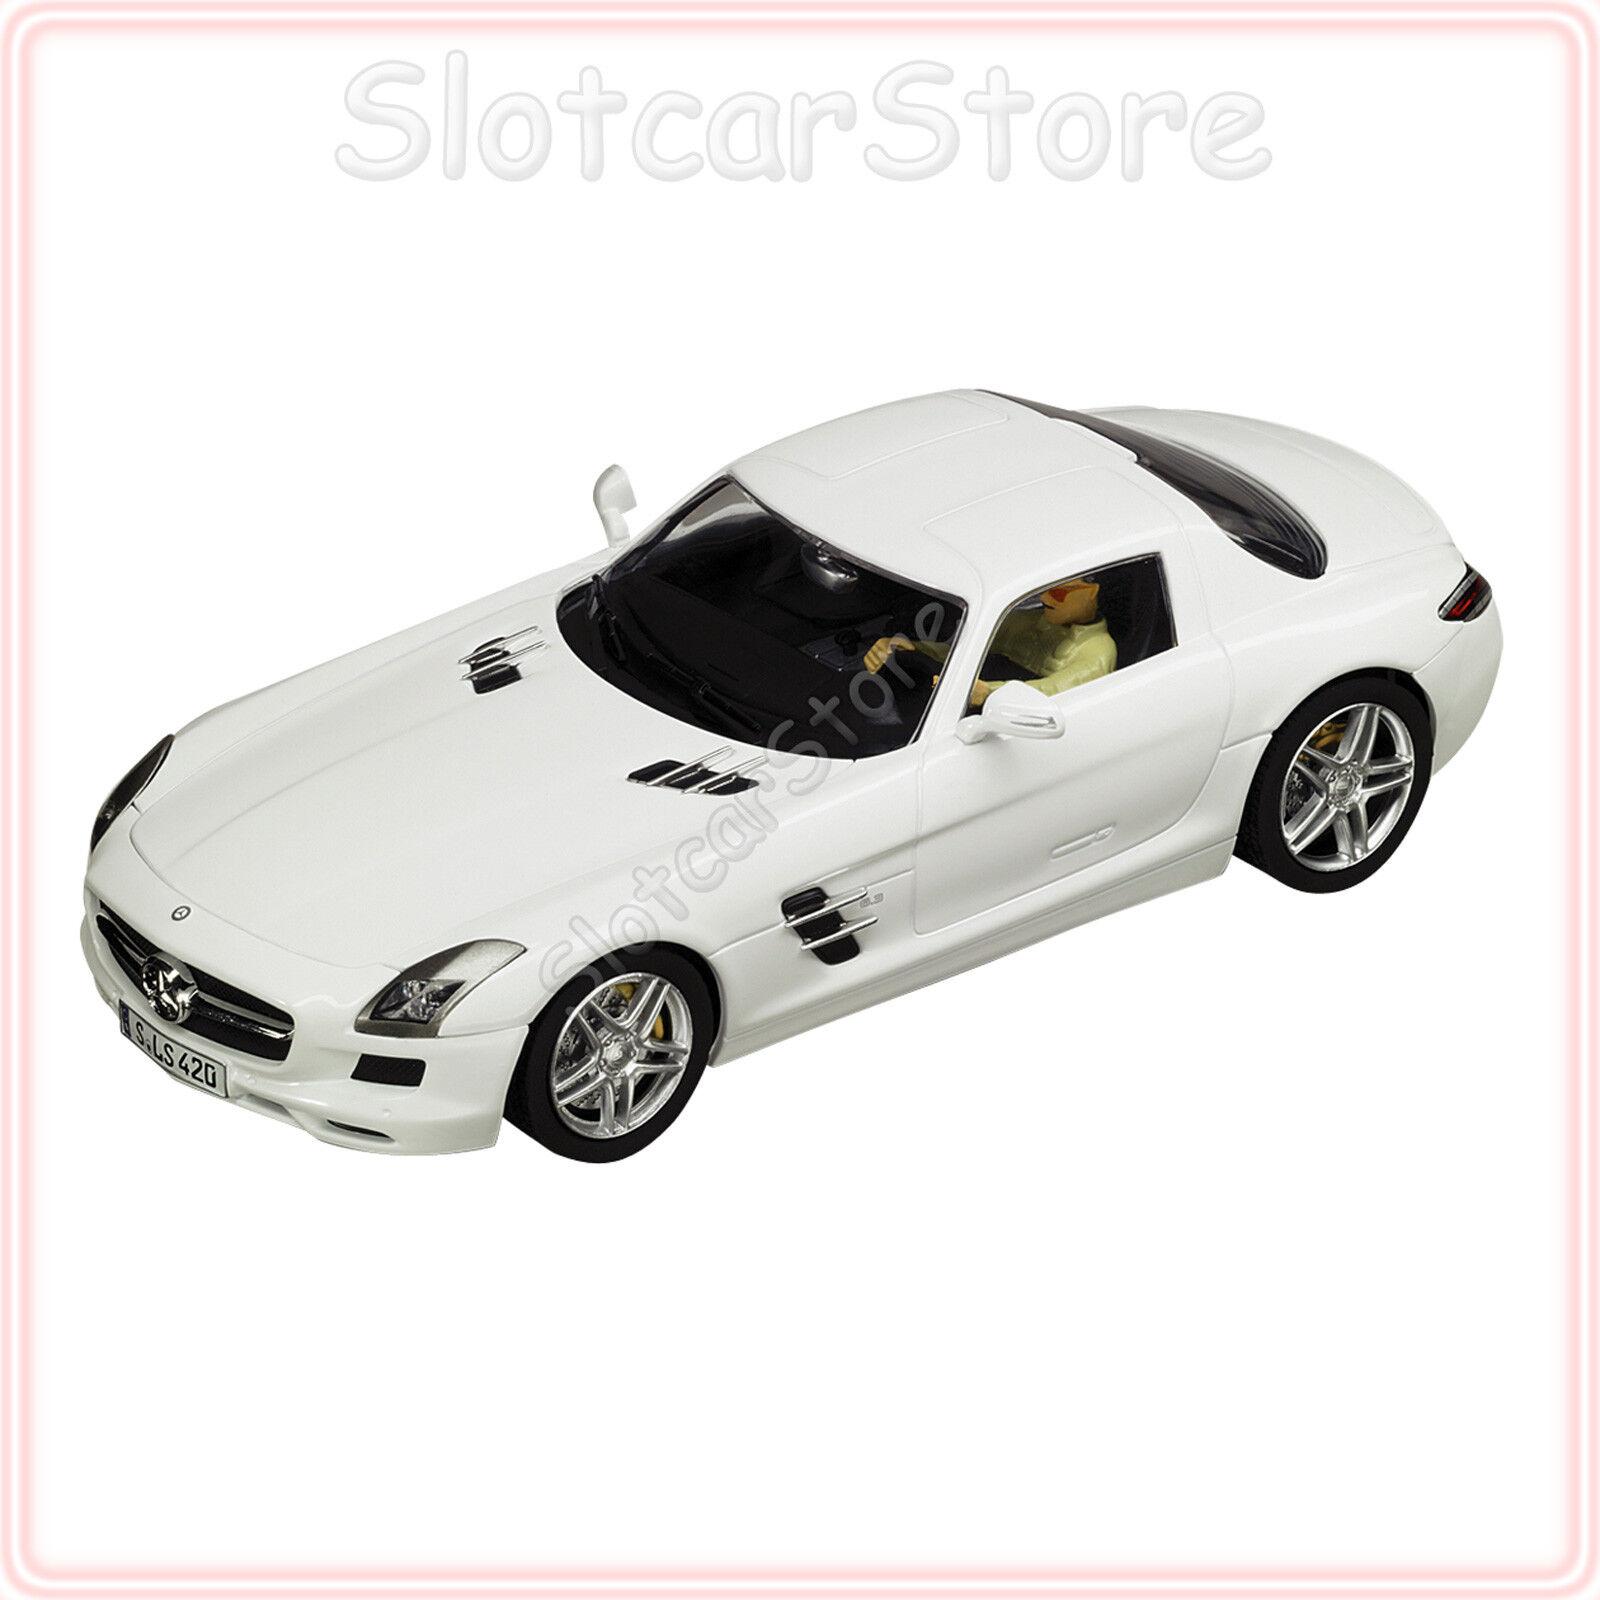 Carrera Evolution Evolution Evolution 27345 Mercedes SLS AMG Coupe weiß (Weiß) 1 32 Slotcar Auto  | Deutschland  4e10c1